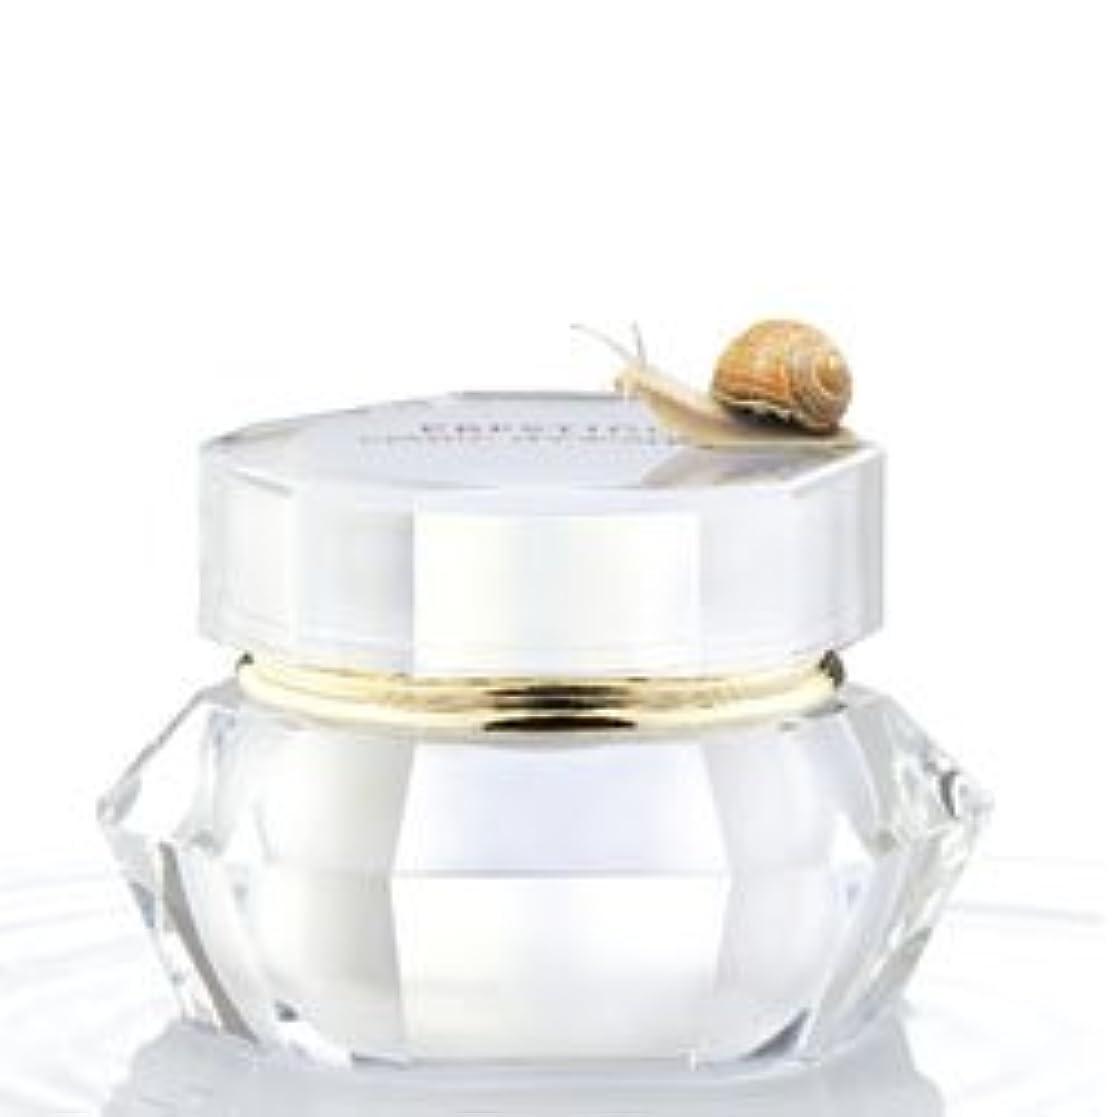 粒三角グラスイッツスキン プレステージ エスカルゴ カタツムリ クリーム(60ml×1点)It's Skin Prestige Snail Escargot Cream